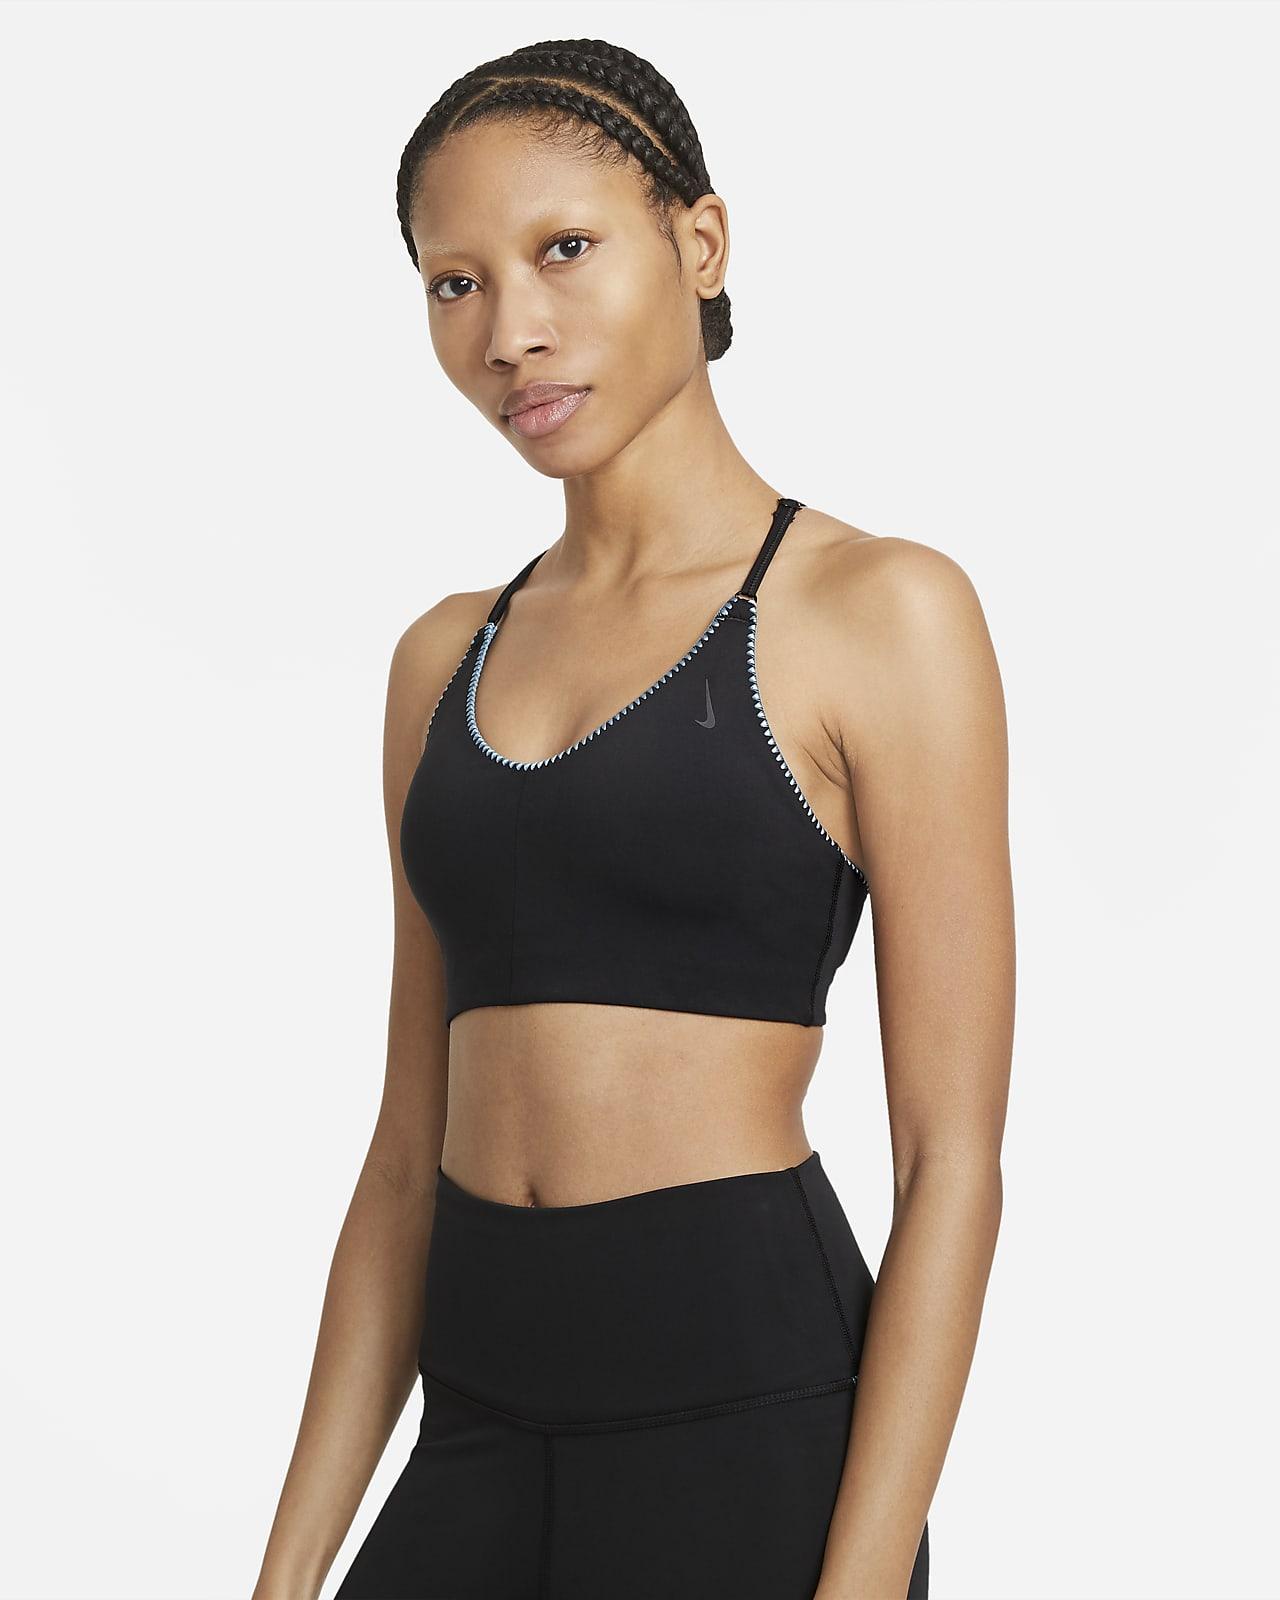 Bra deportivo acolchado de baja sujeción con bordes de crochet para mujer Nike Yoga Dri-FIT Indy